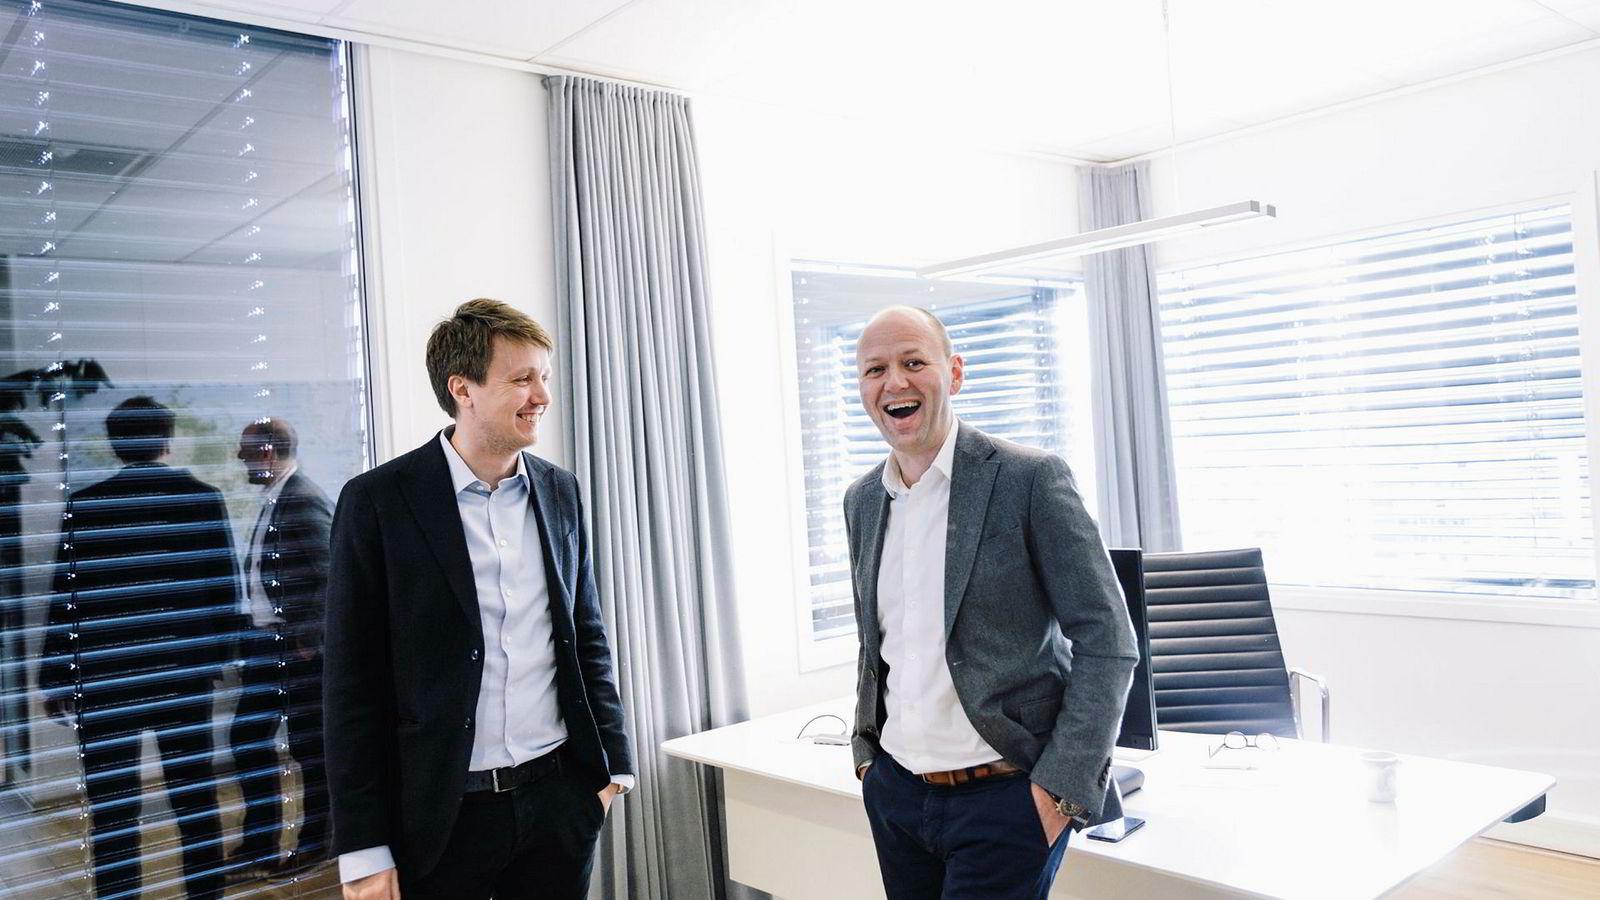 Det ser lyst ut for gründerne Fredrik Larsen (til venstre) og Jan Inge Pedersen. Nå får de opp mot 150 millioner kroner hver inn på bankkontoen etter et delvis salg av aksjer i selskapet de startet i 2011.